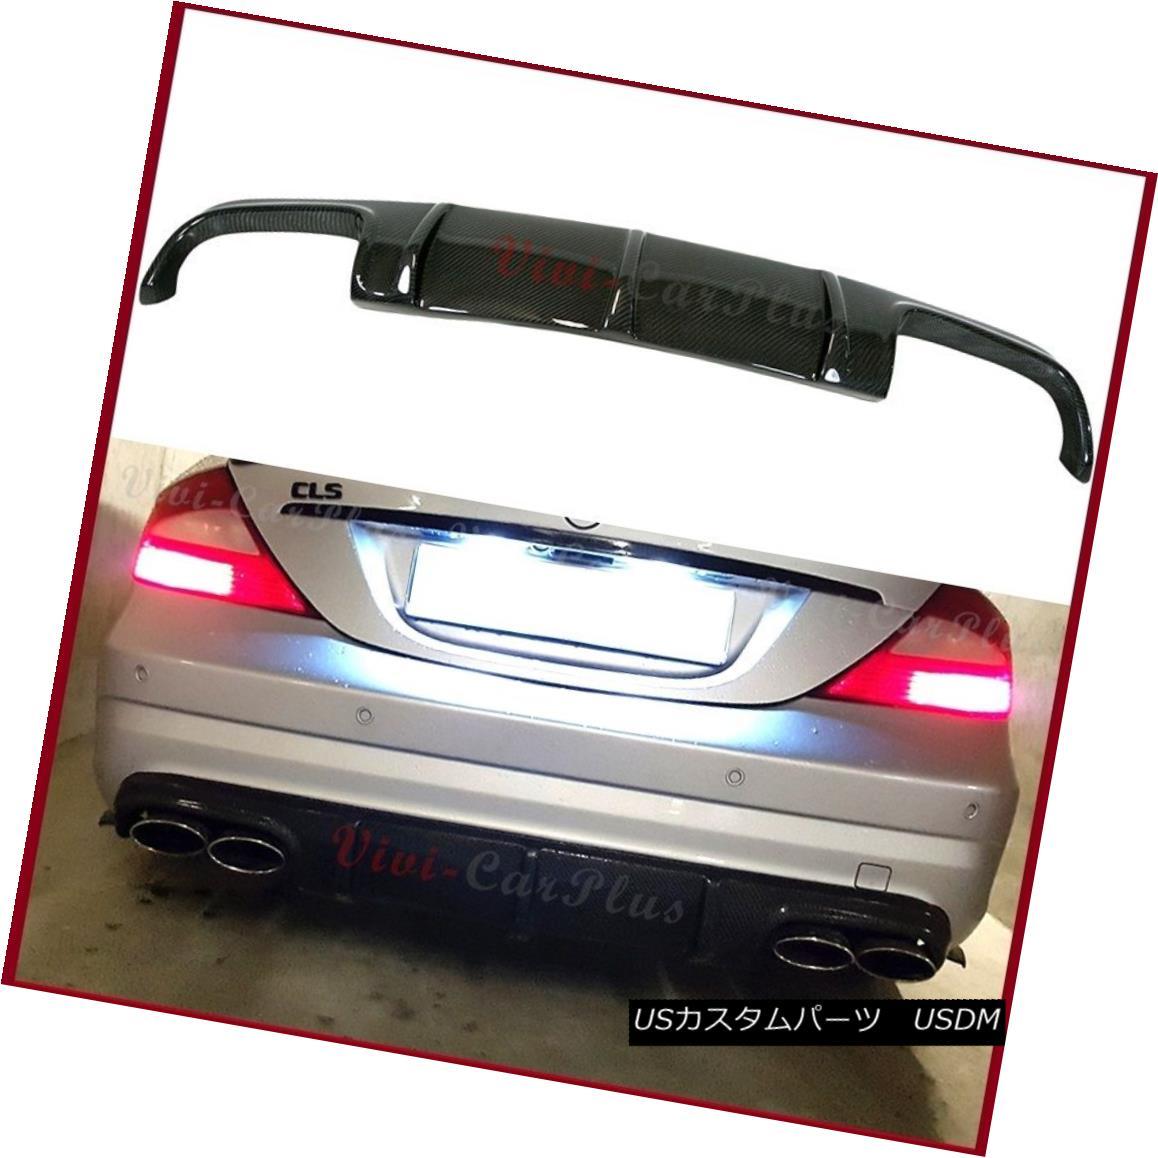 エアロパーツ Carbon Fiber Rear Diffuser Fit BENZ 2006-10 W219 CLS55 CLS63 AMG Bumper Body Lip カーボンファイバーリアディフューザーフィットBENZ 2006-10 W219 CLS55 CLS63 AMGバンパーボディーリップ